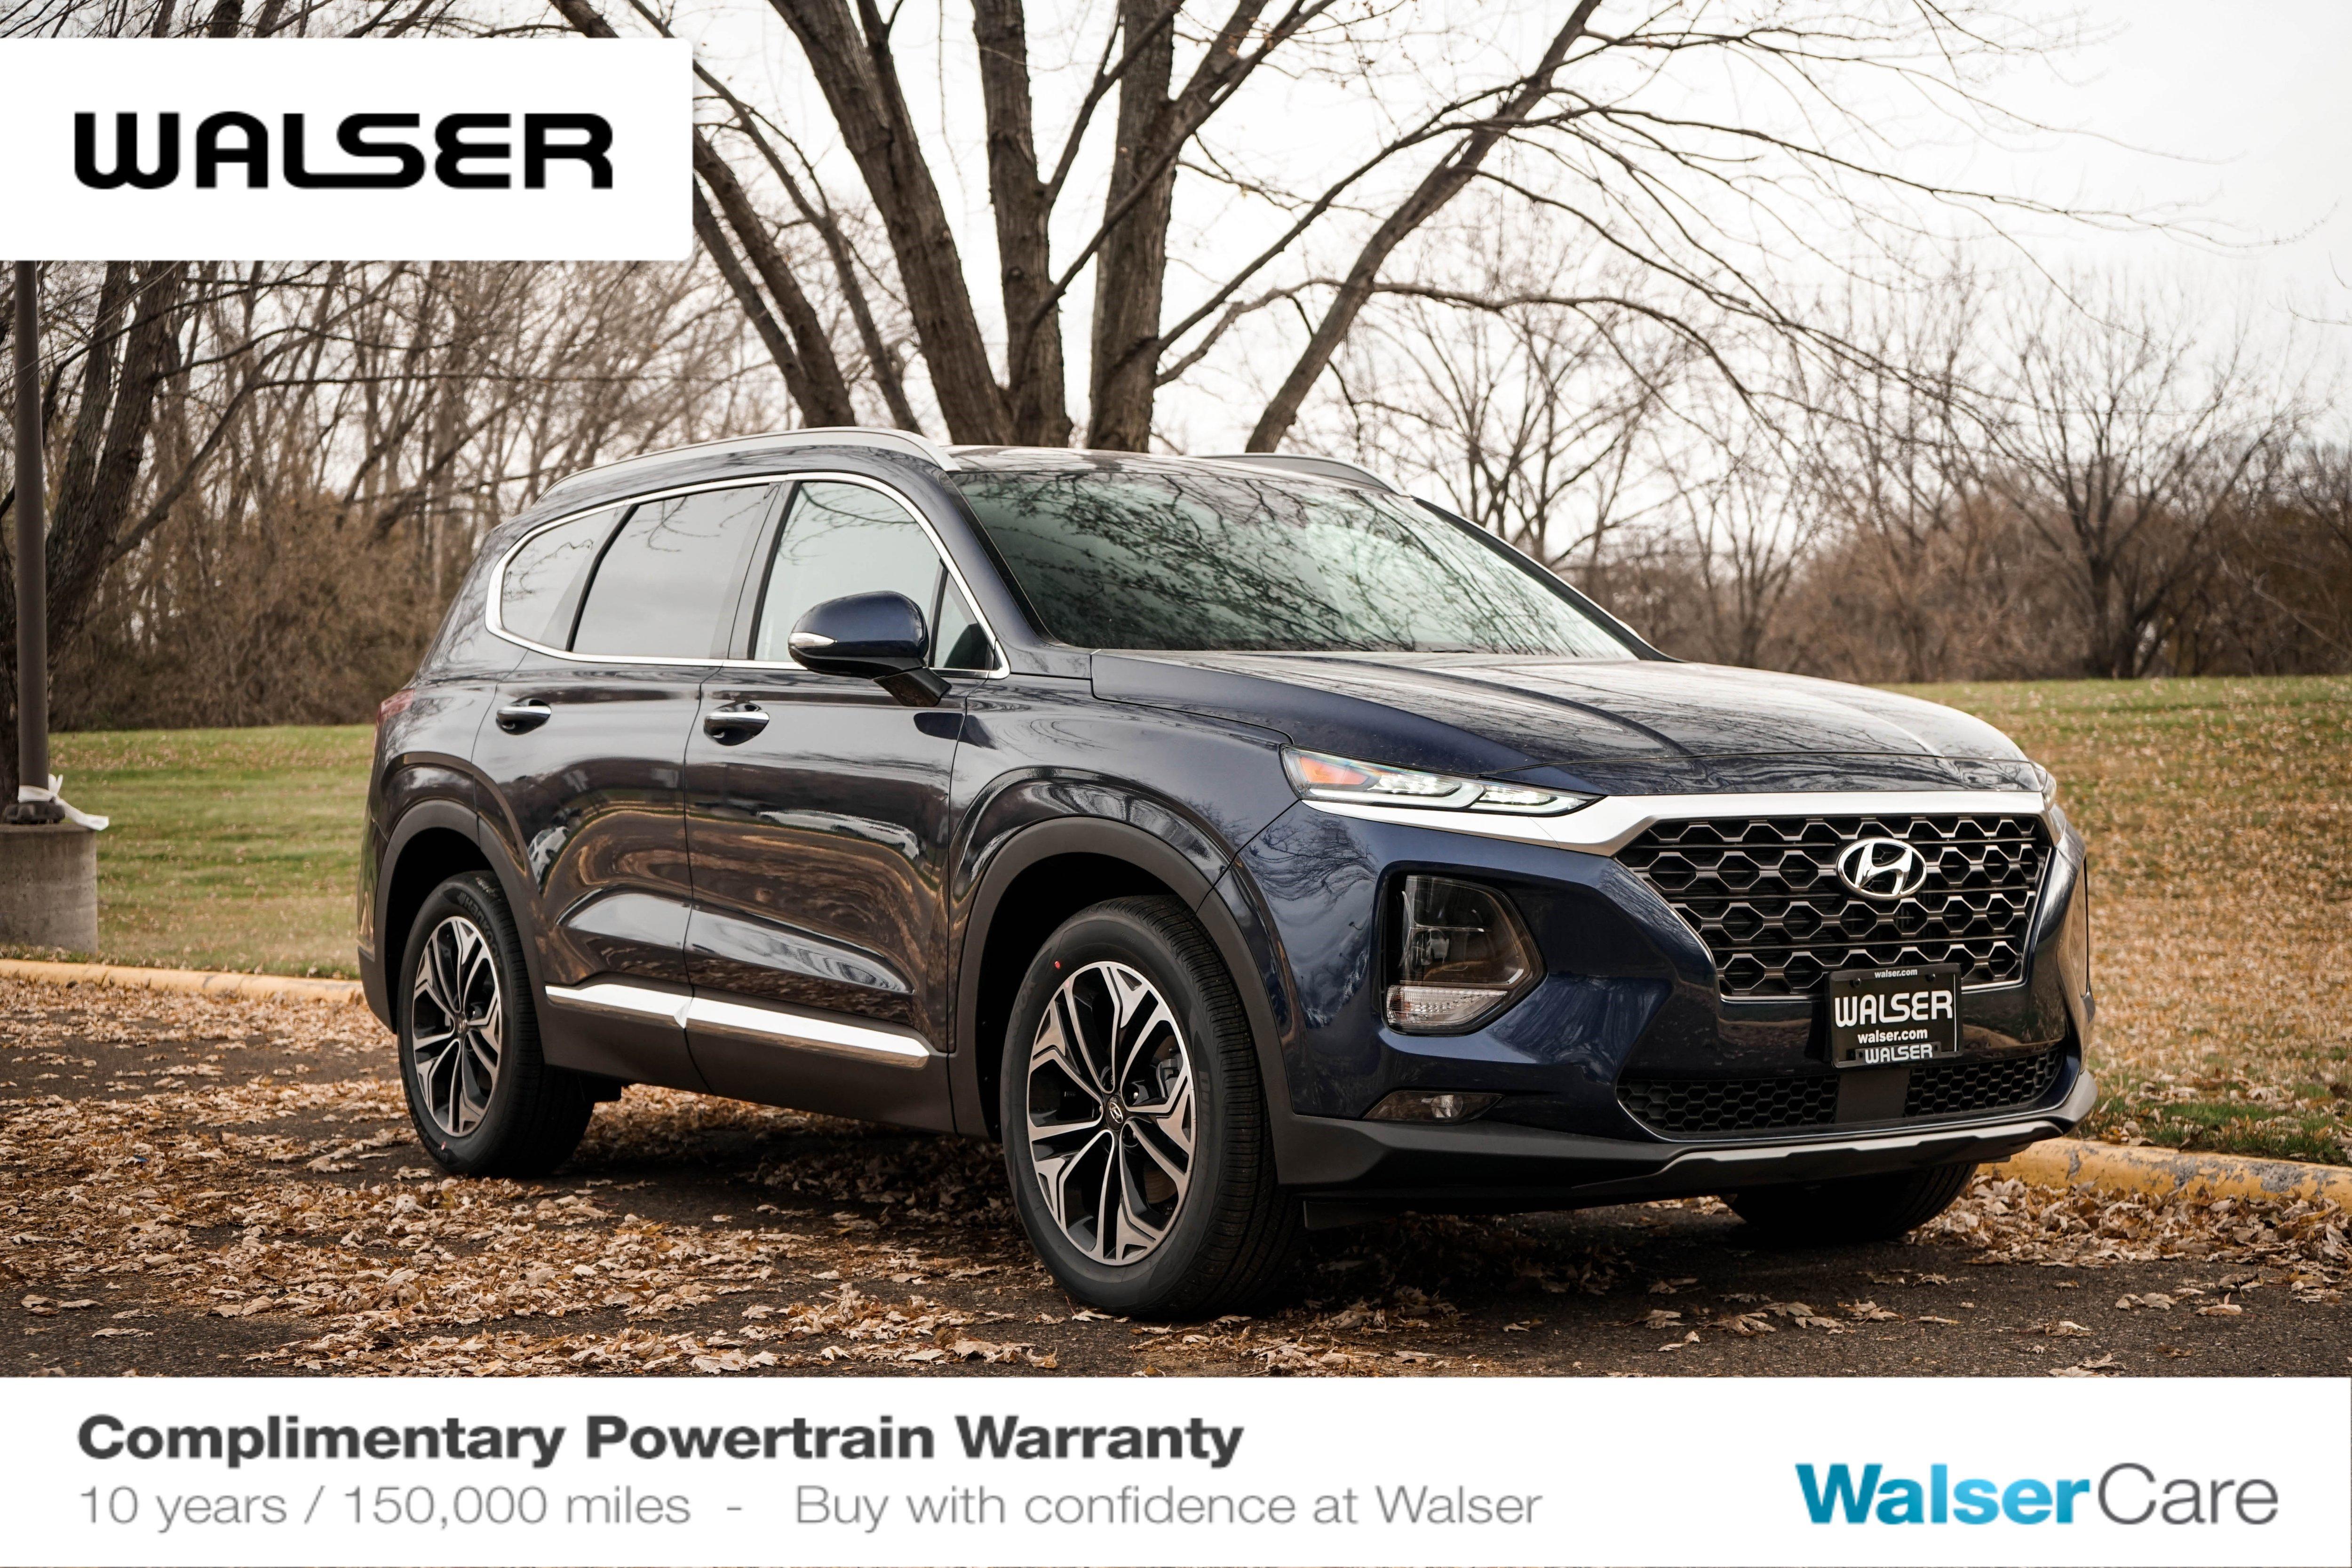 New 2020 Hyundai Santa Fe SEL 2.0T AWD/1